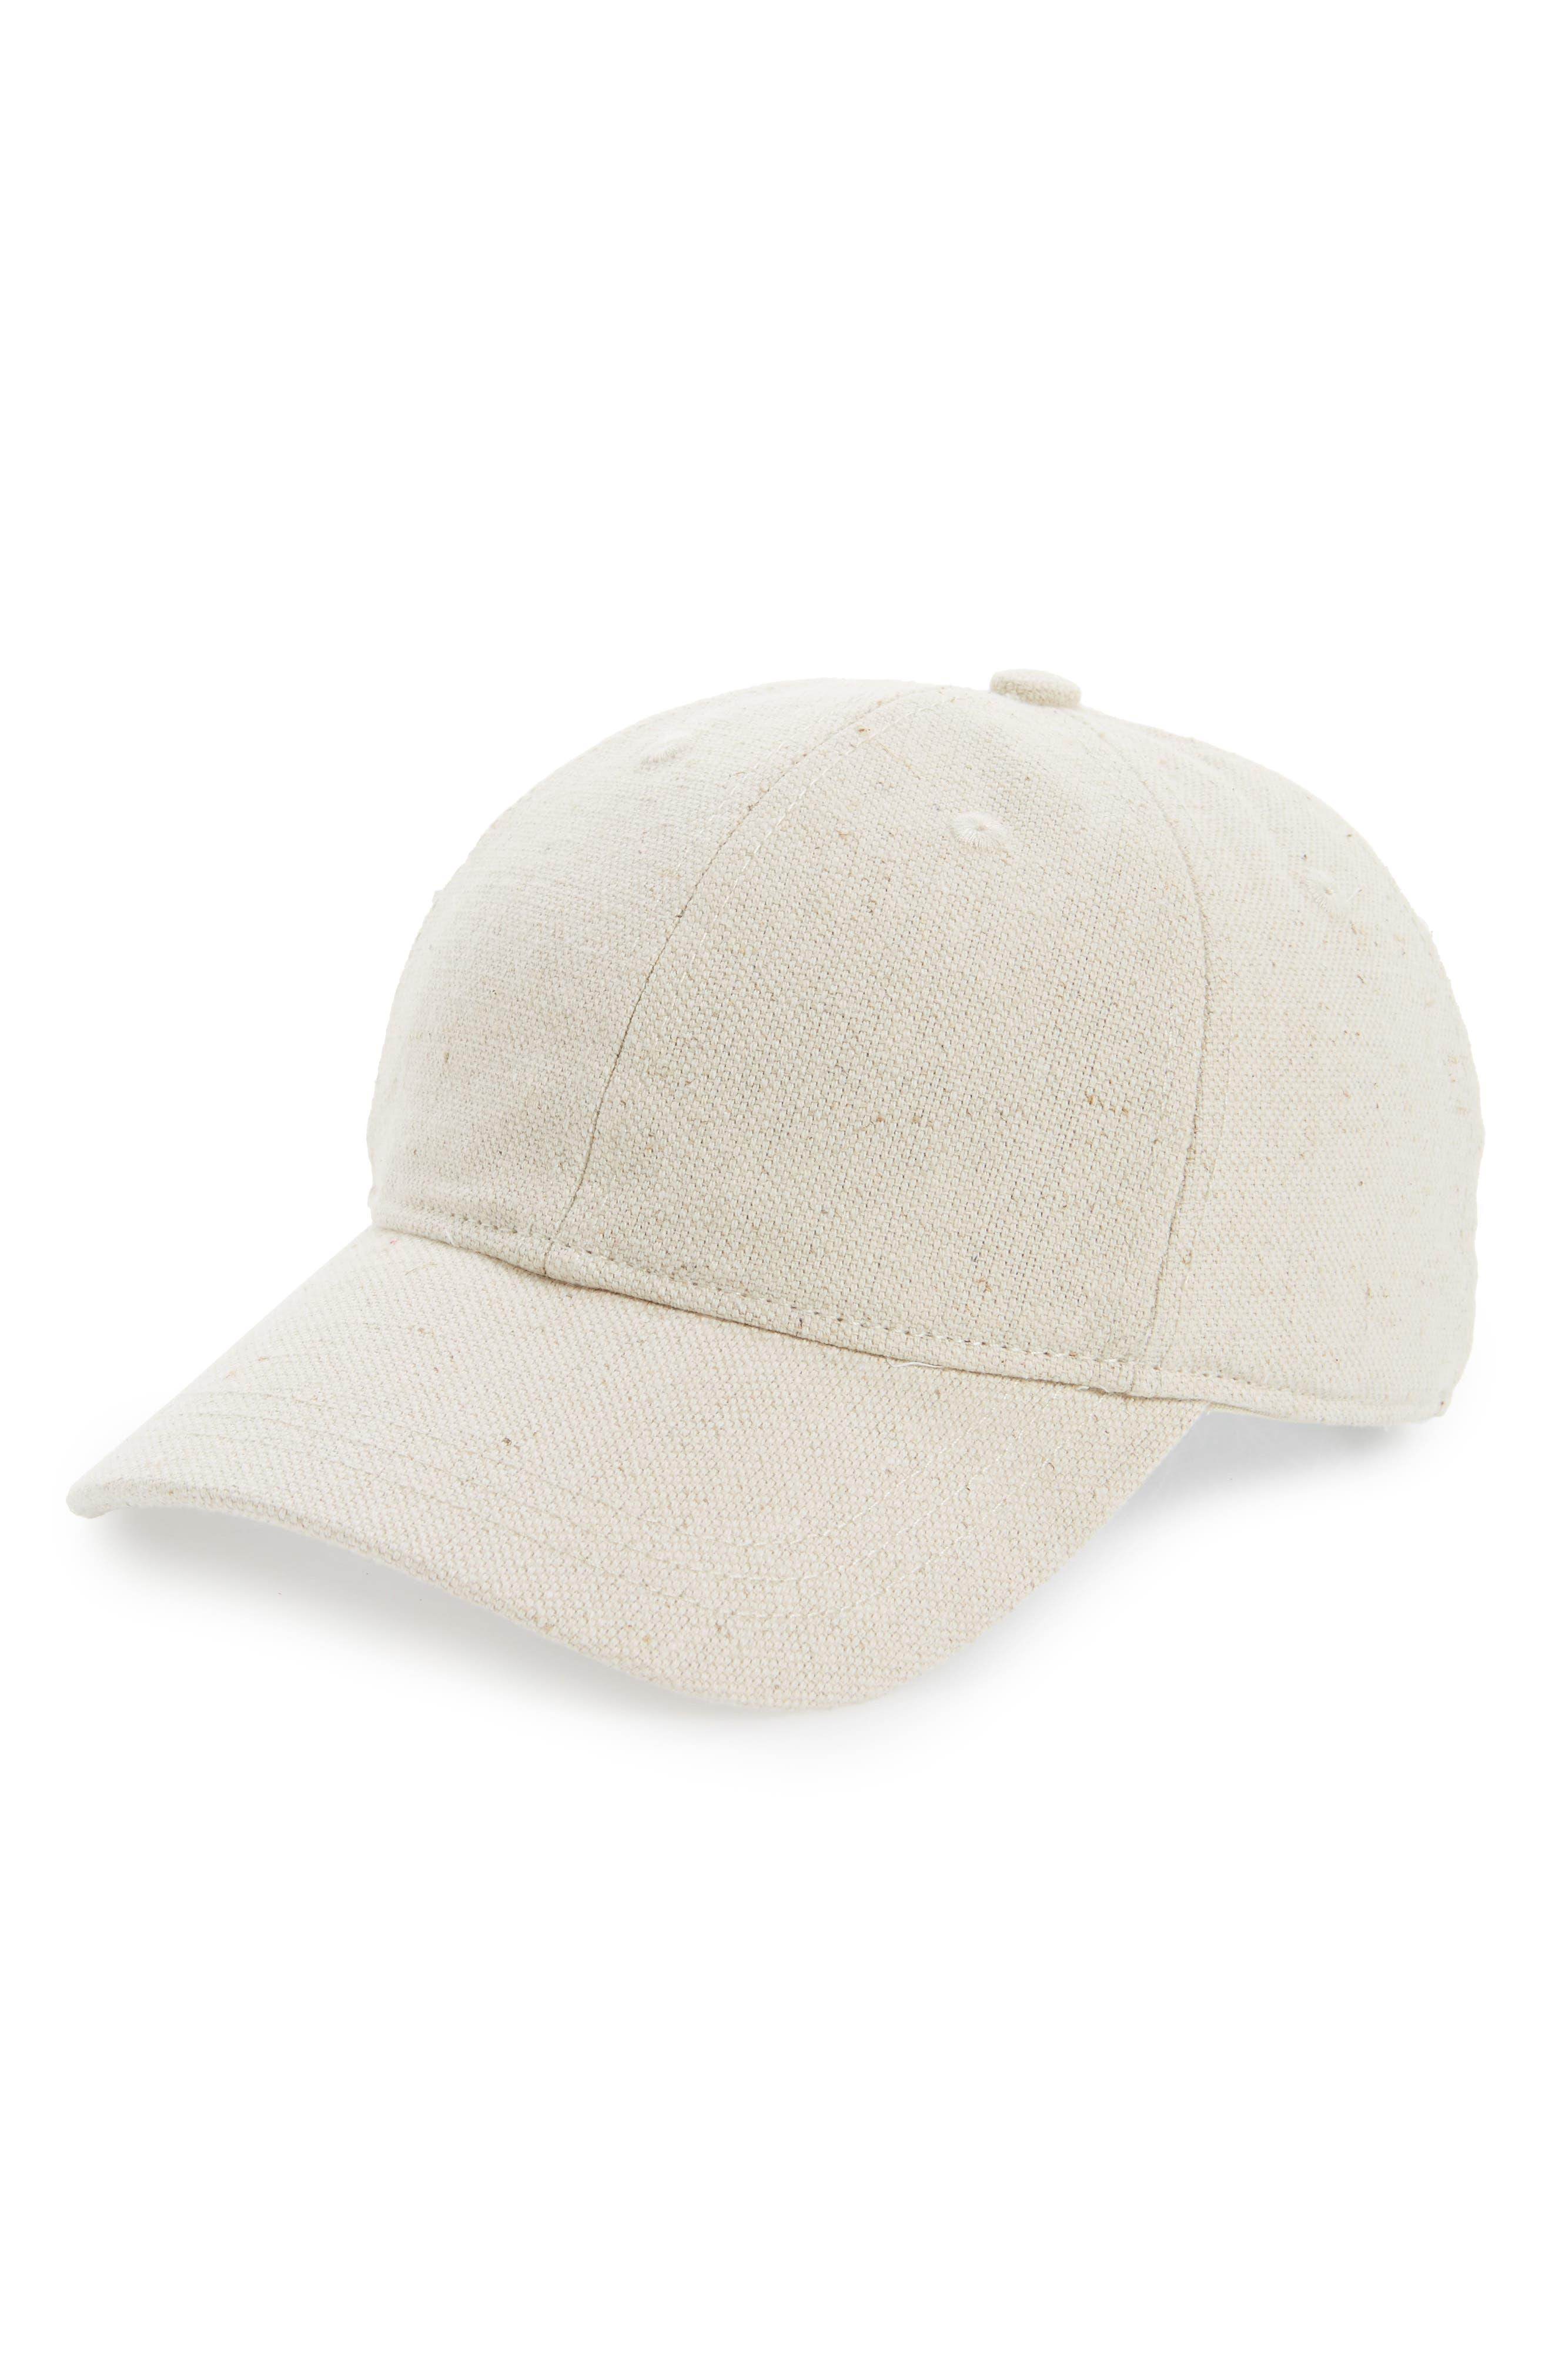 Cotton & Linen Baseball Cap,                         Main,                         color,